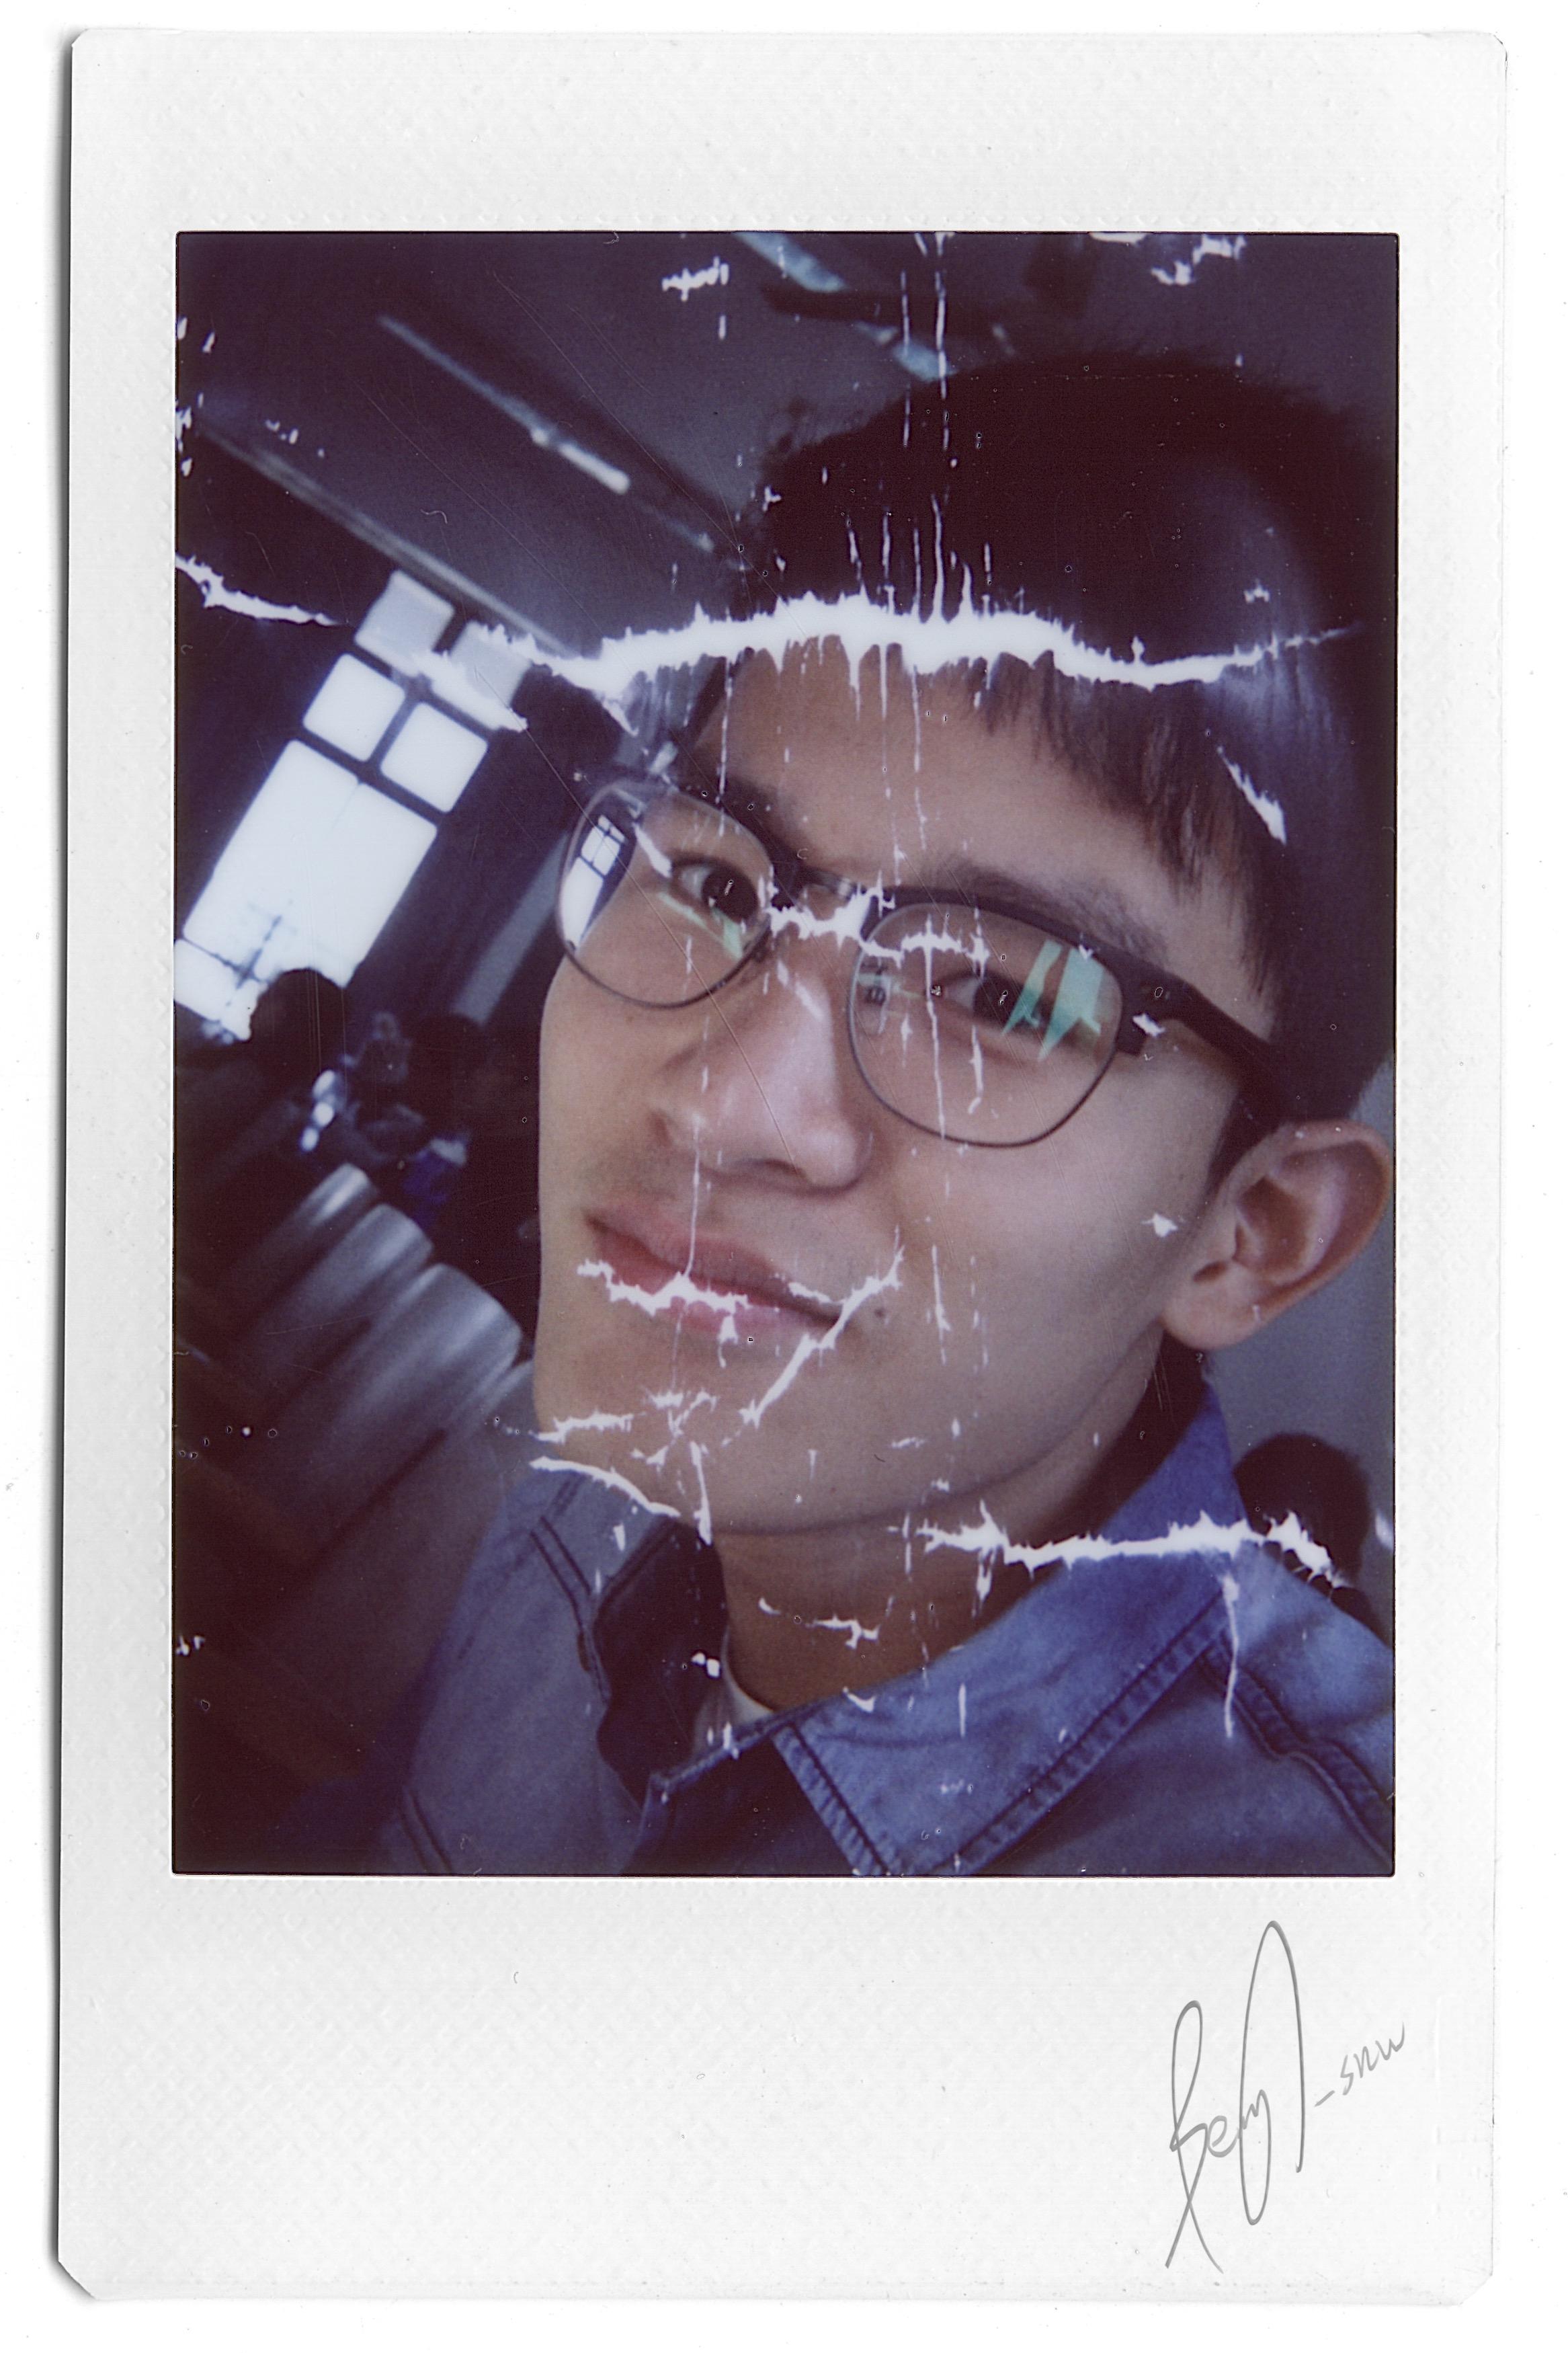 Images Gratuites Garcon Film Fujifilm Etudiant Fissure Visage